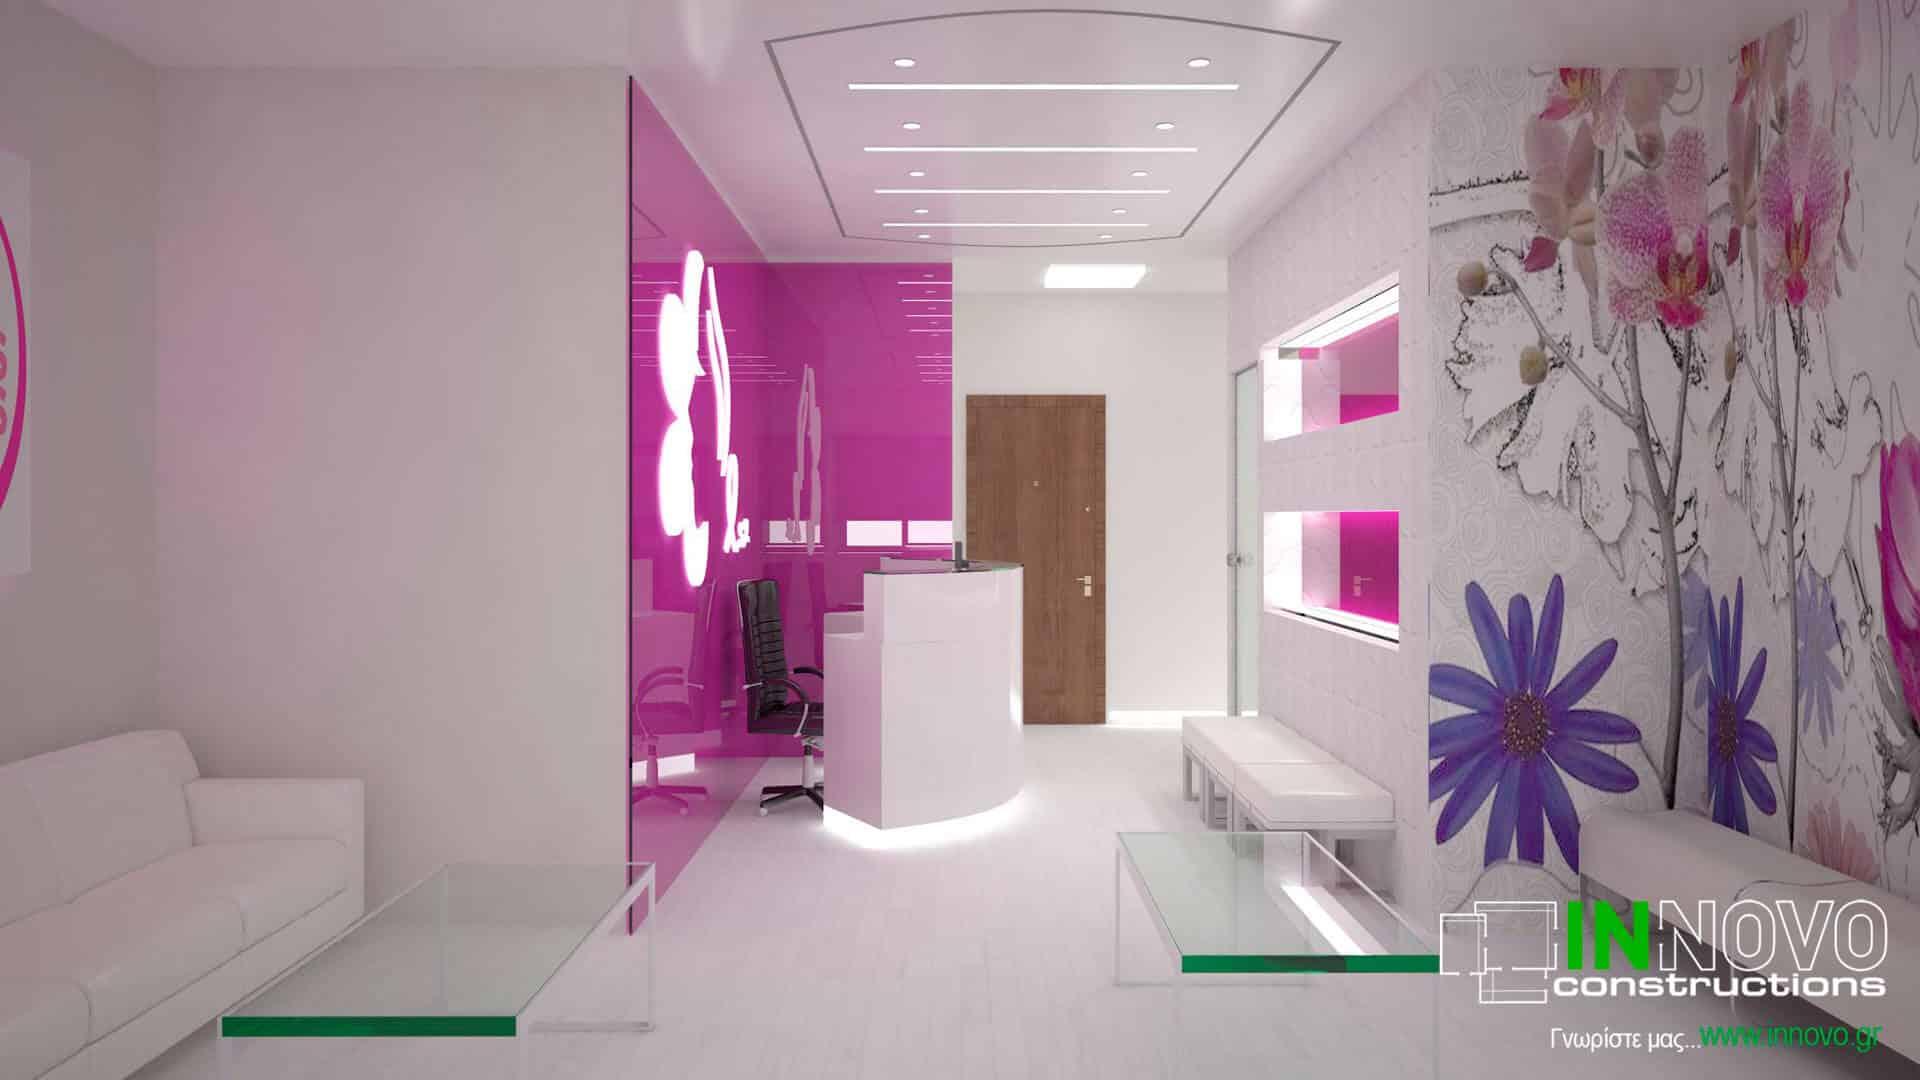 Μελέτη διακόσμησης ακτινολογικού ιατρείου στην Κηφισιά